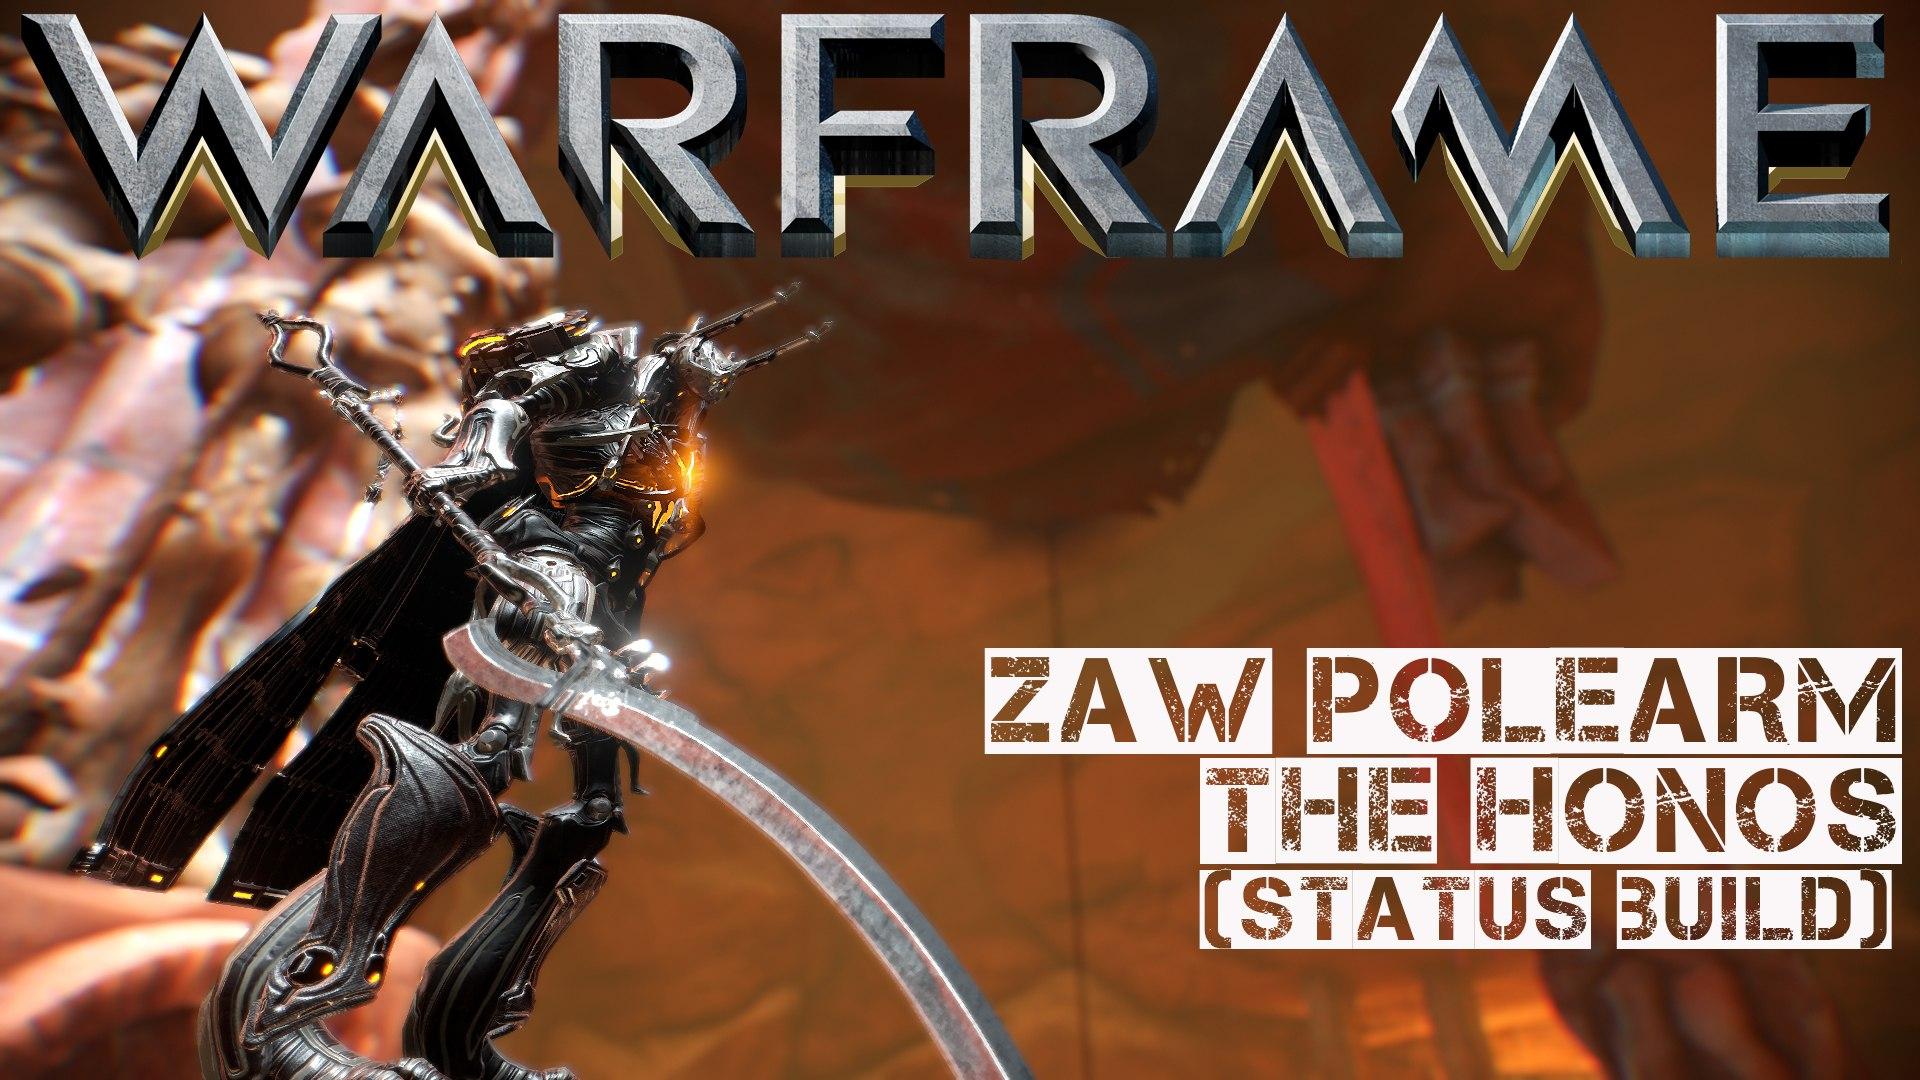 Warframe: Building a Zaw - The Honos Polearm (status build)